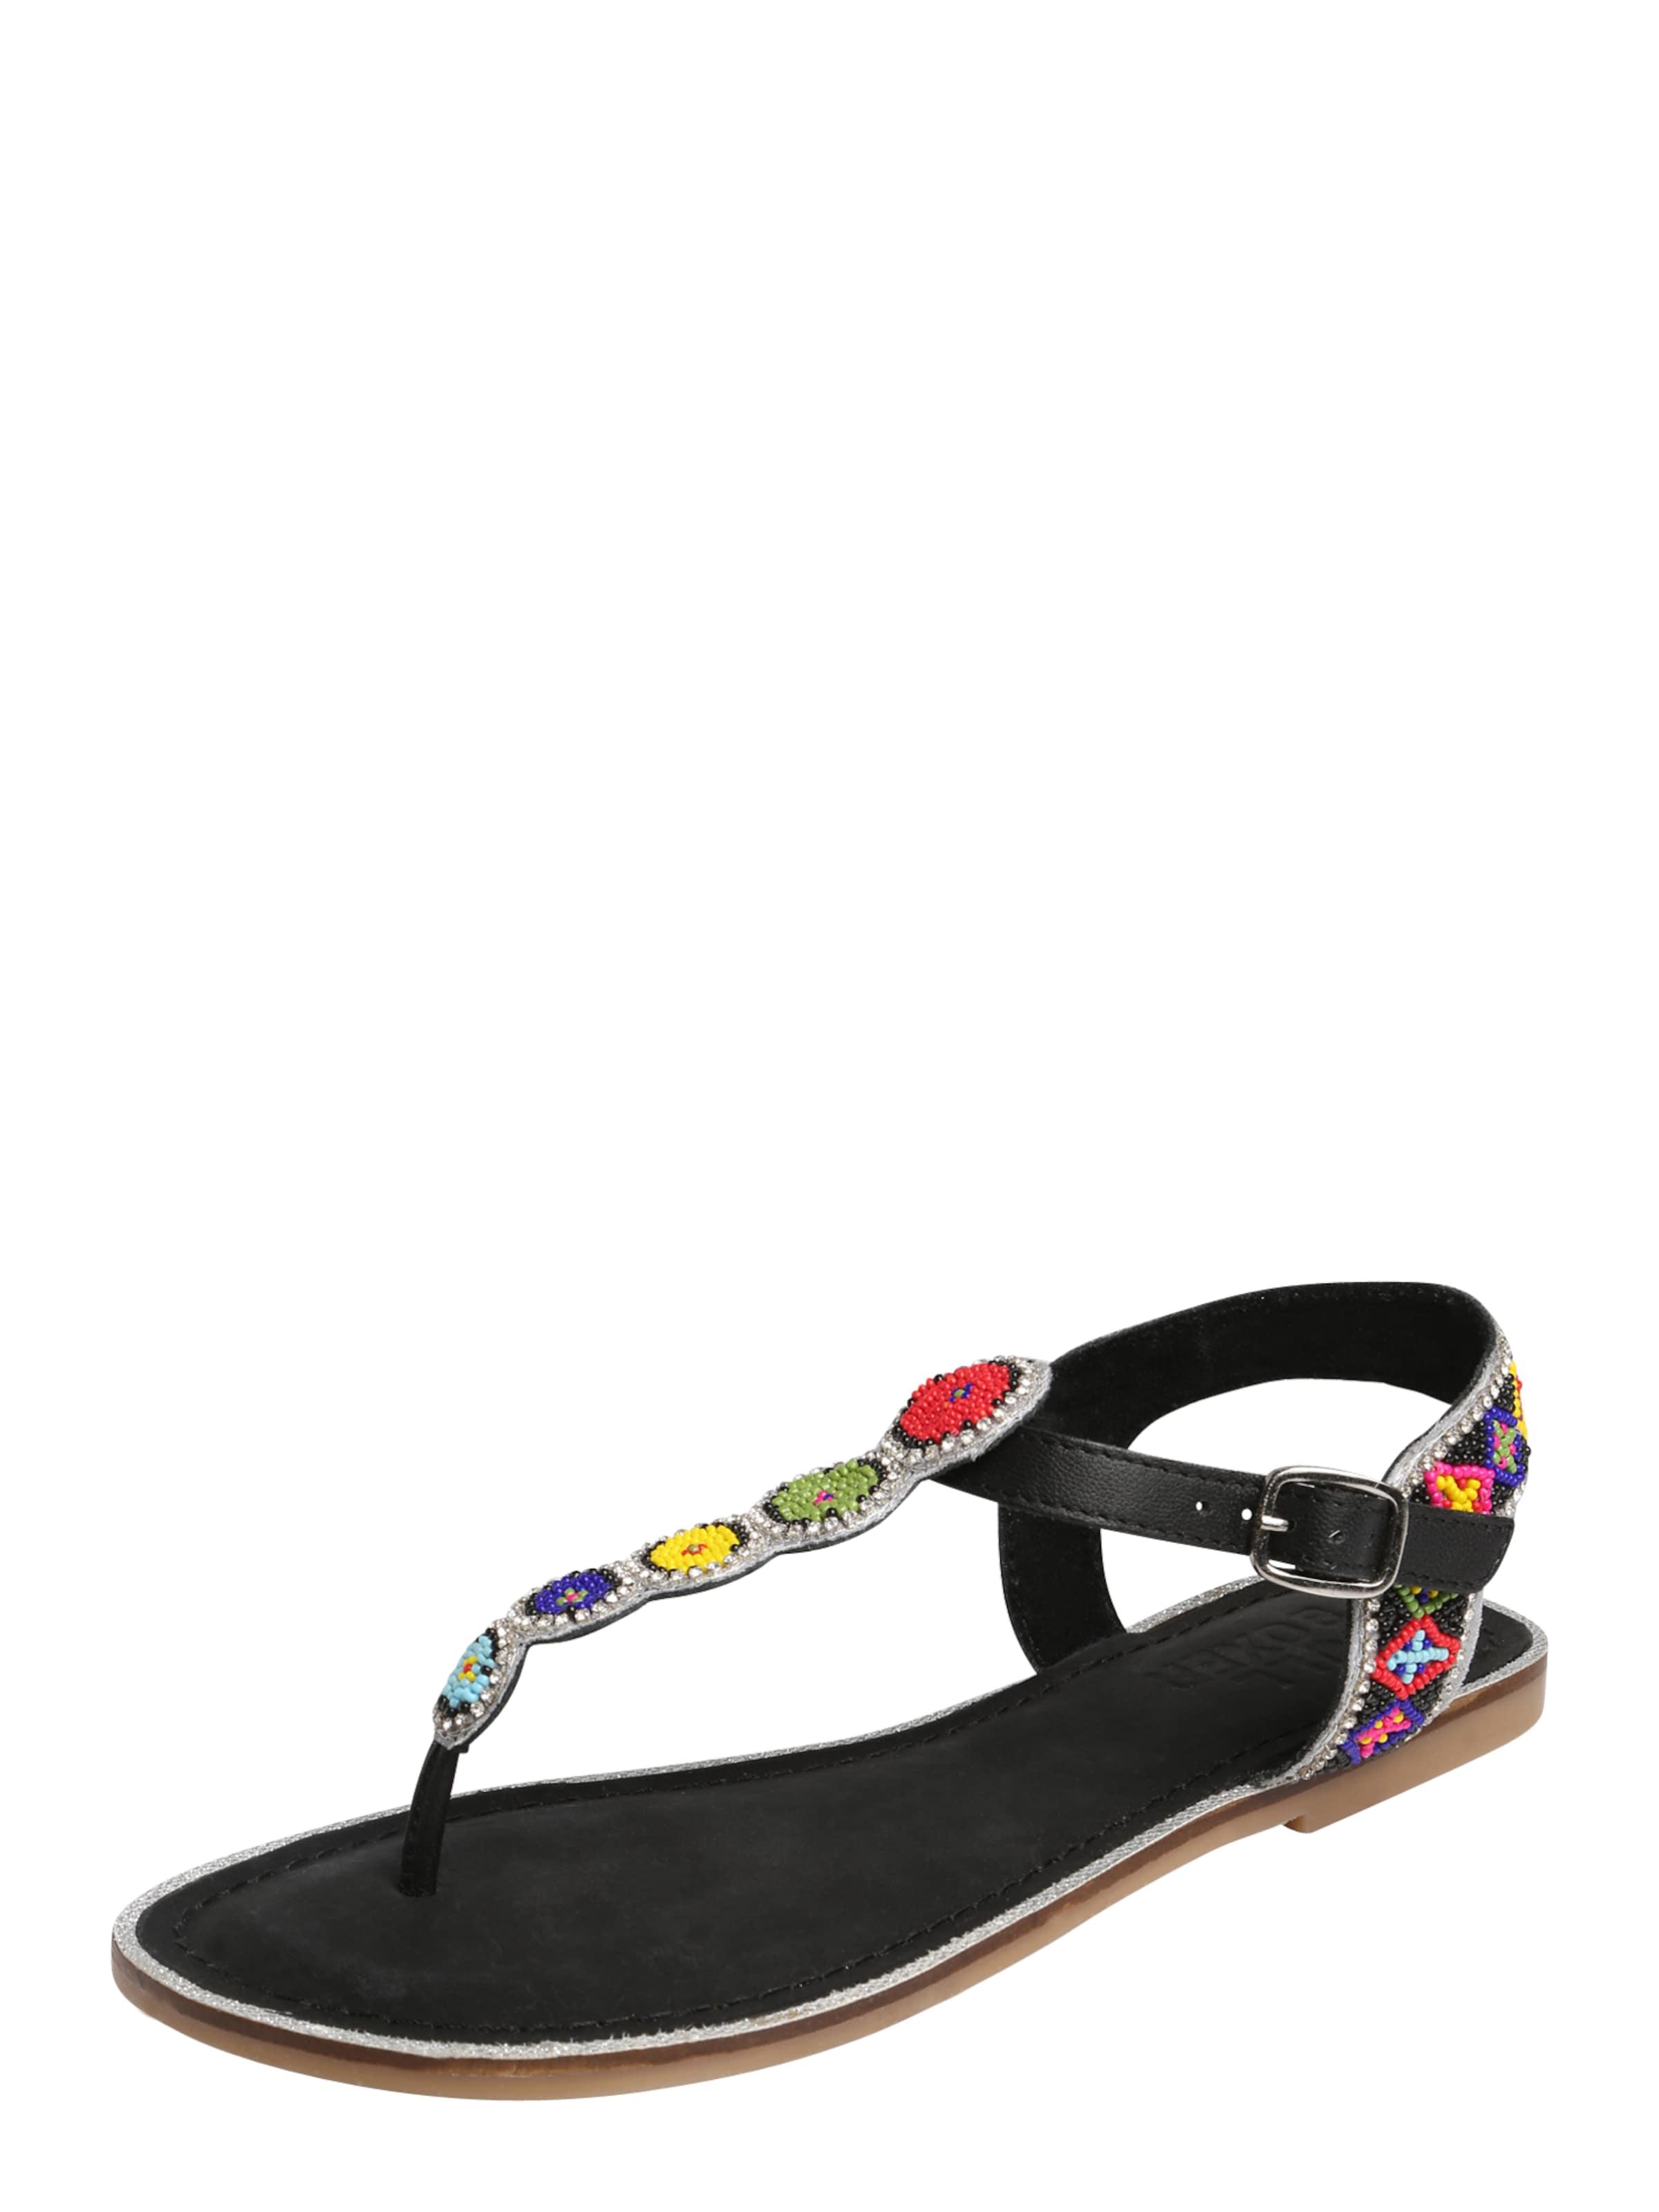 BULLBOXER Sandale Günstige und und Günstige langlebige Schuhe 7580d8